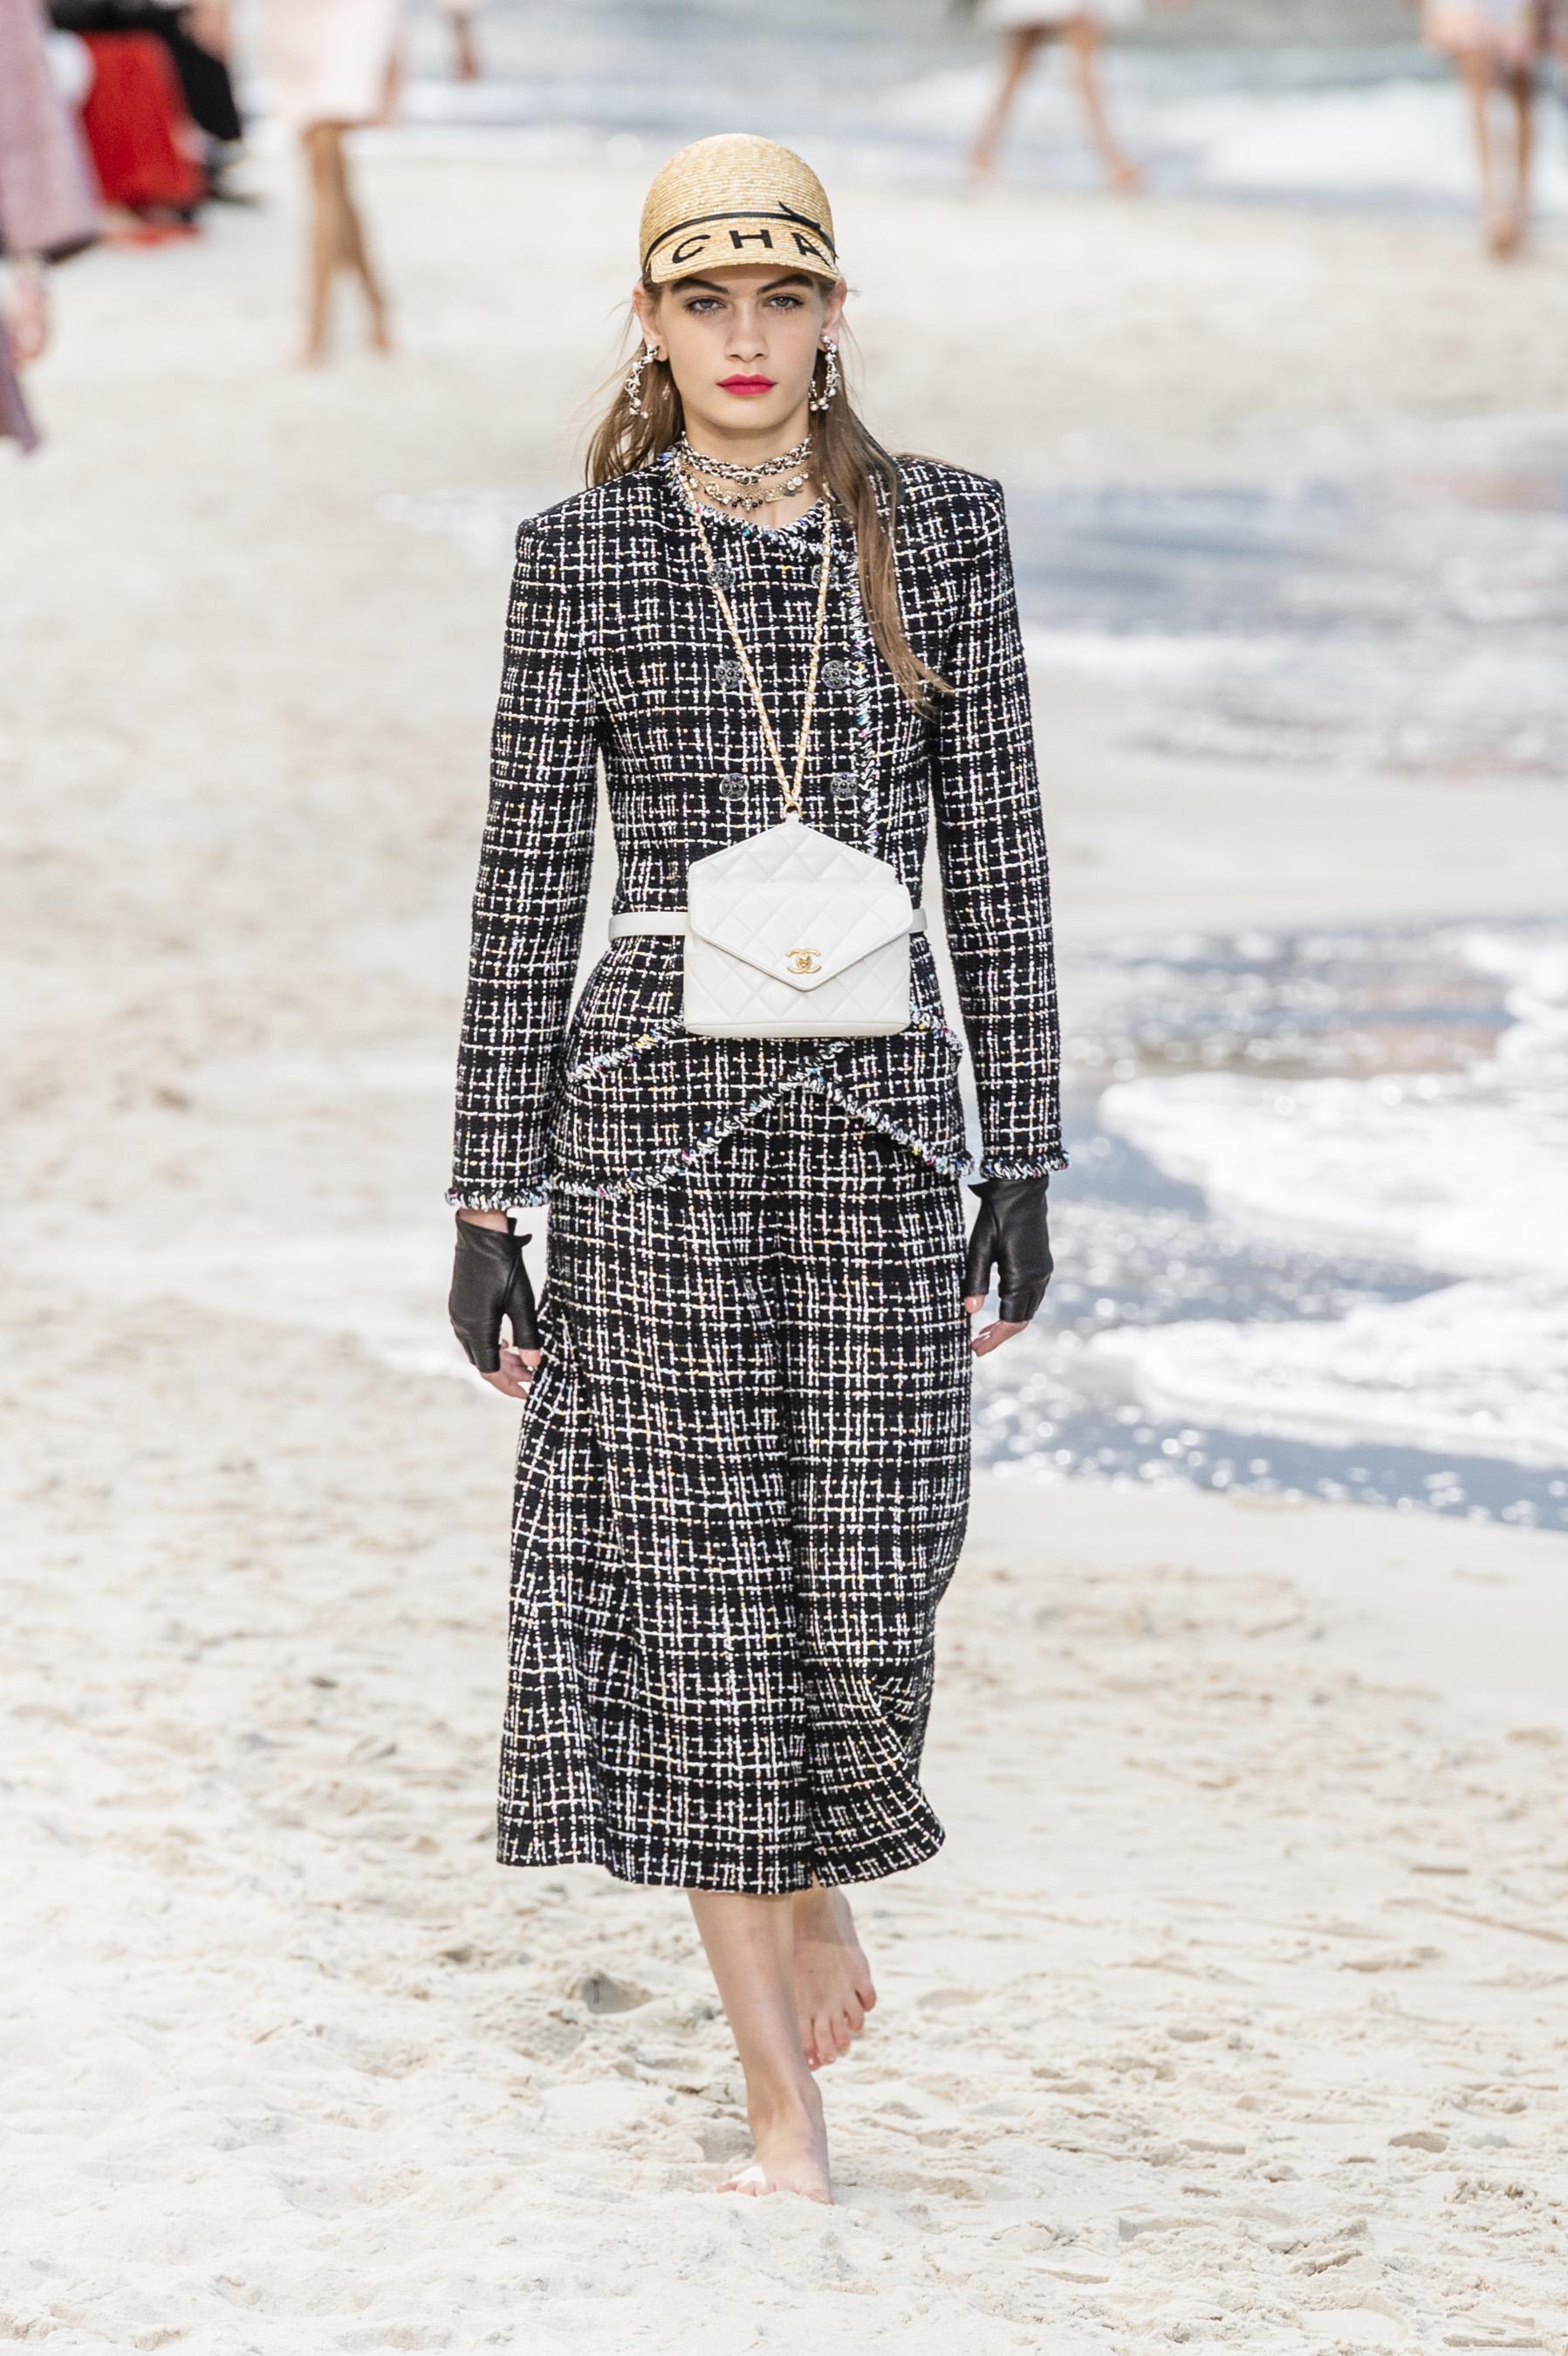 795a2d626d22a3 Défilé Chanel printemps-été 2019 Prêt-à-porter - Madame Figaro